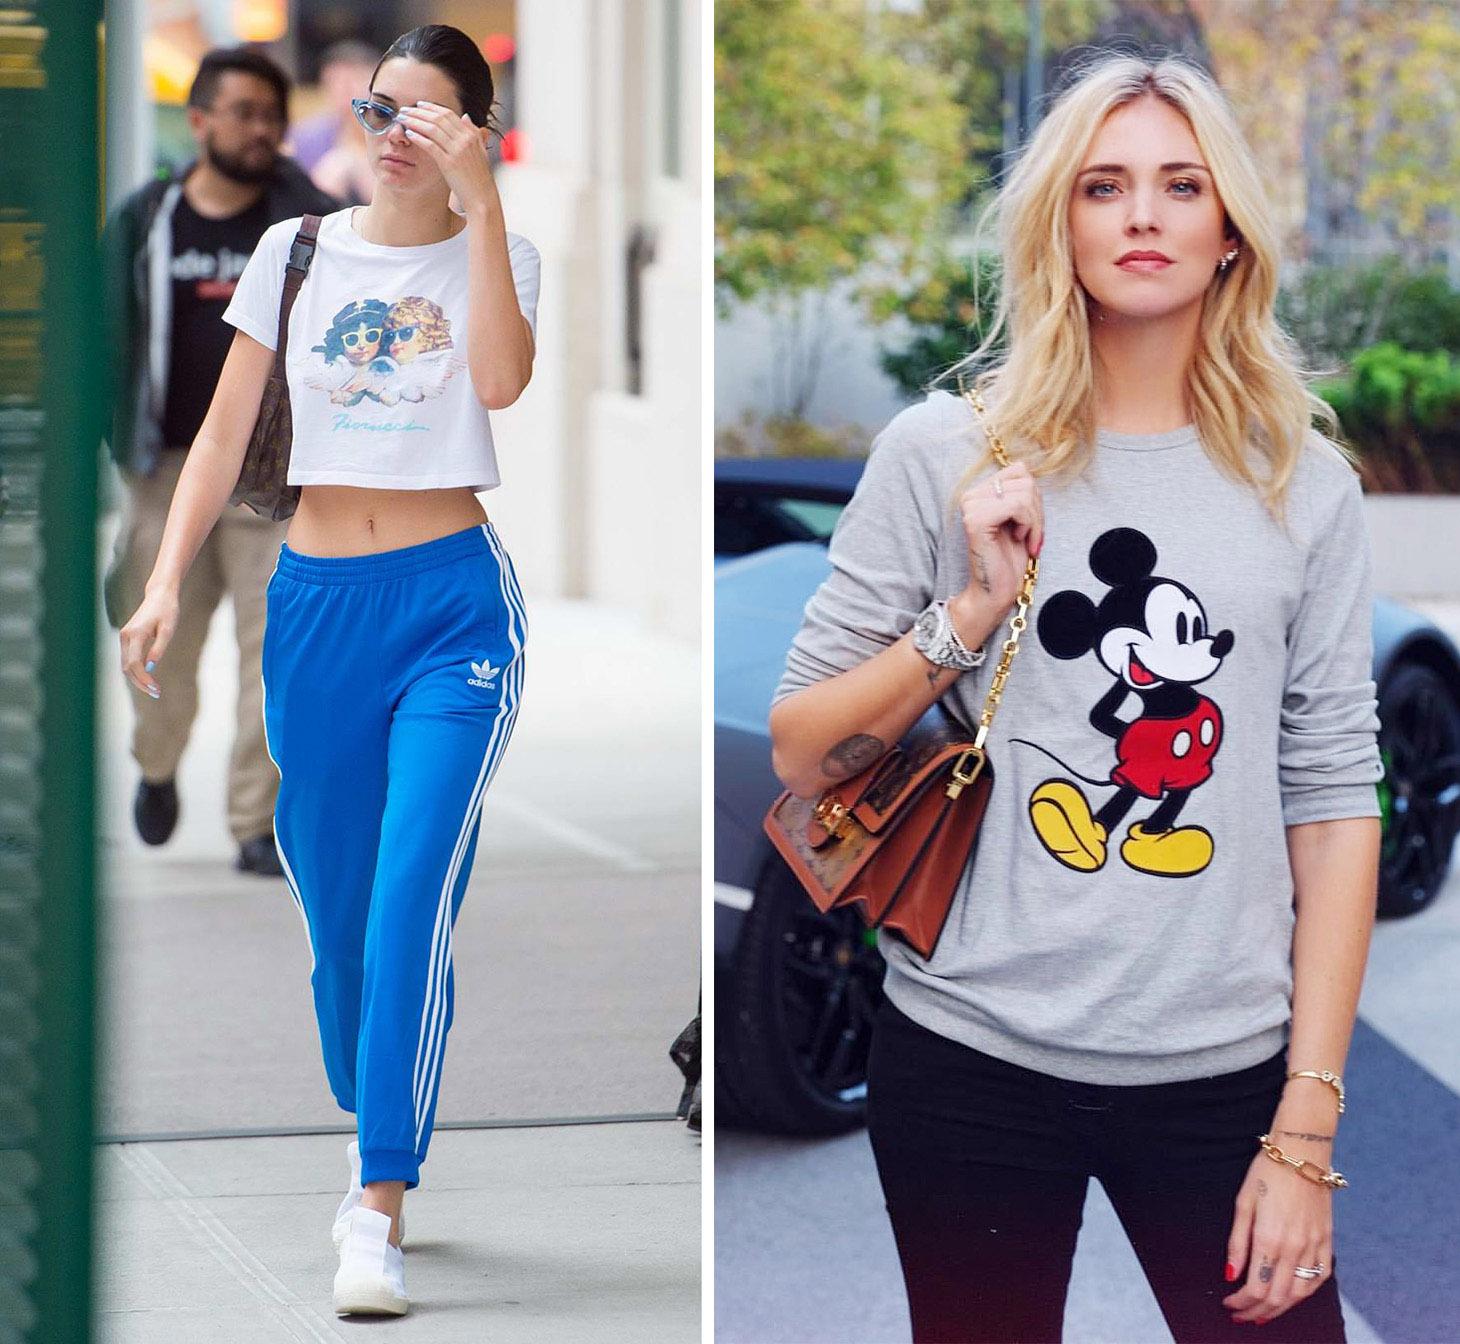 Họa tiết hoạt hình Dù bạn yêu thích Mickey Mouse, Hello Kitty, Snoopy..., chúng cũng không thể giúp bạn trông giống một quý cô.